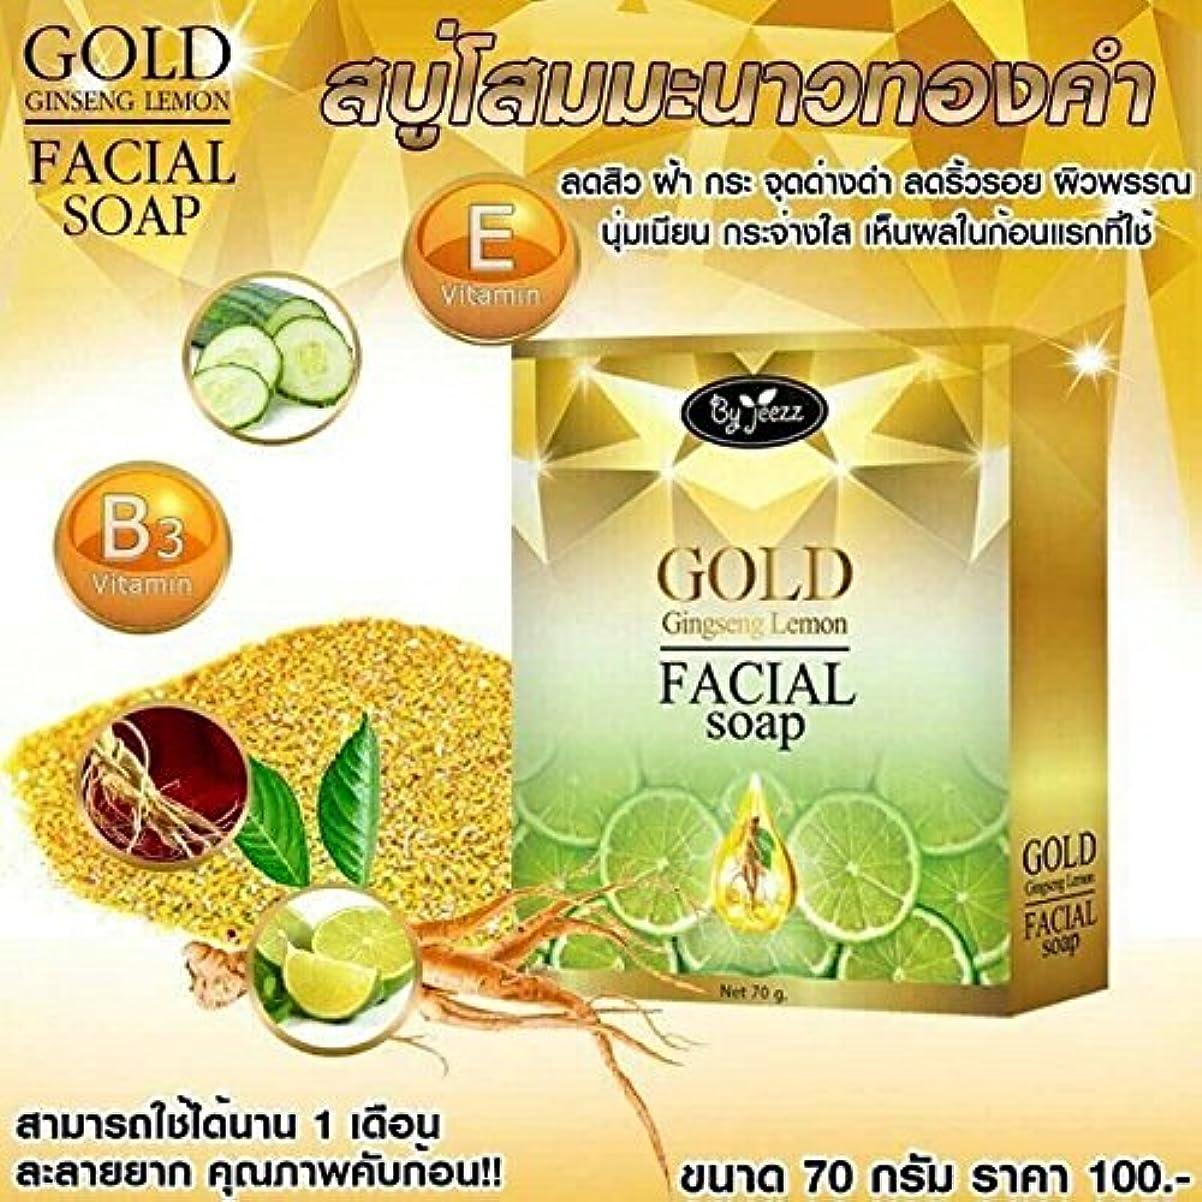 置き場ゆるい納税者1 X Natural Herbal Whitening Soap. Ginseng Lemon Soap (Gold Ginseng Lemon Facial Soap by jeezz) 70 g. Free shipping